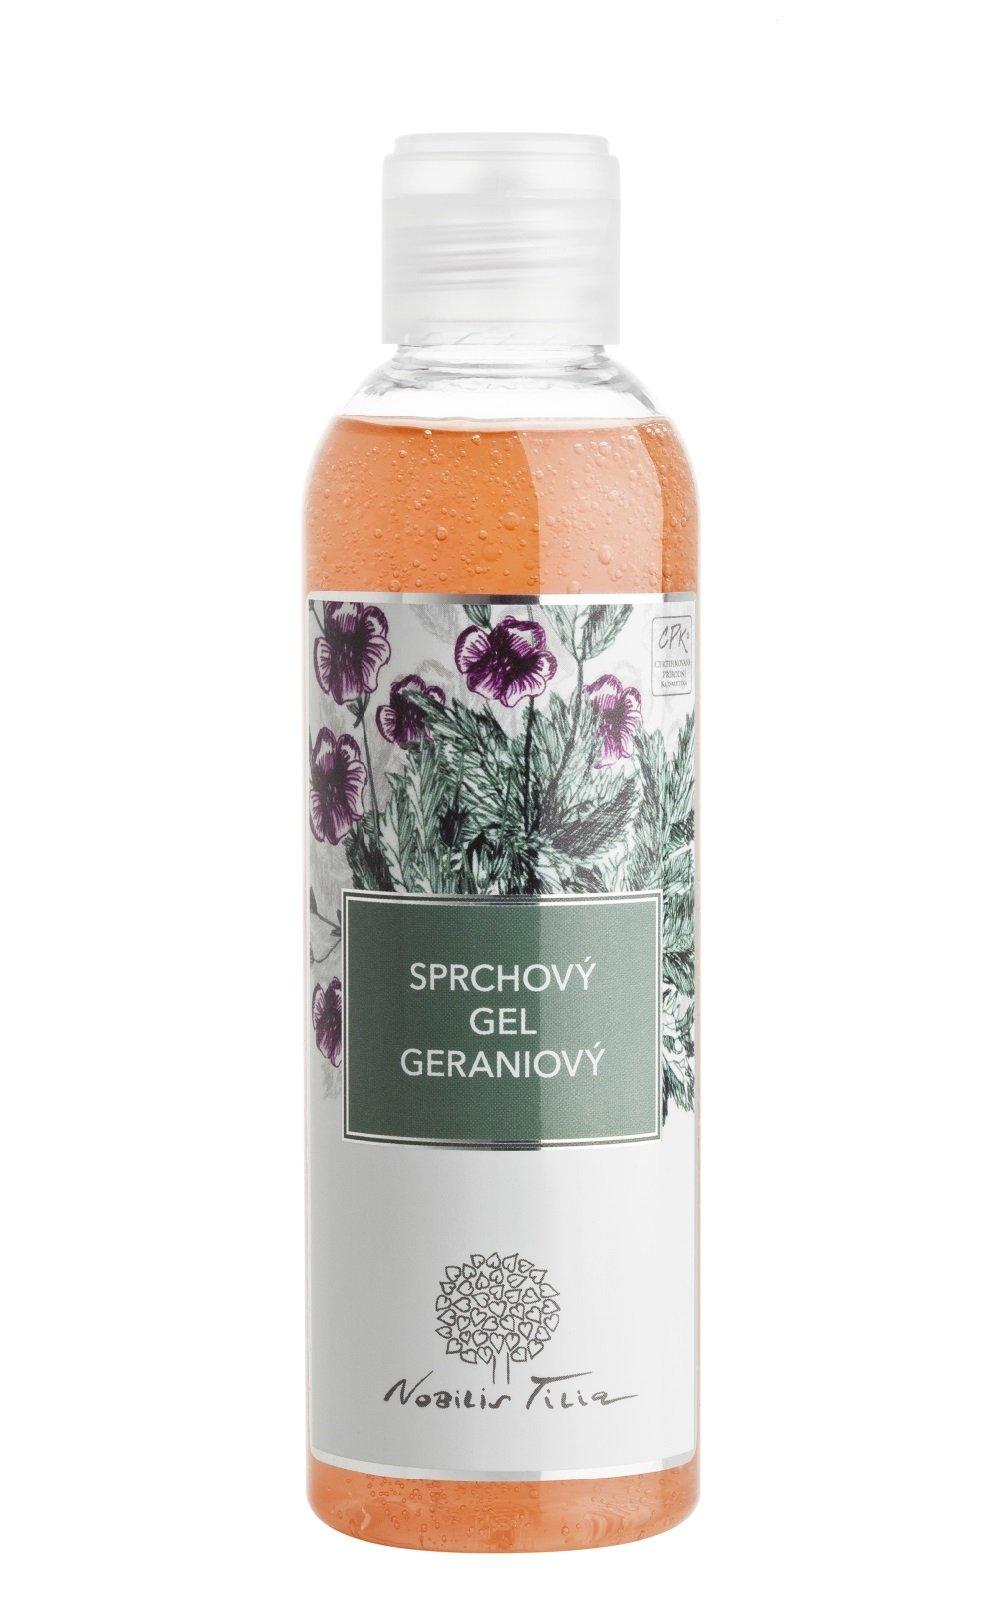 Sprchový gel Geraniový